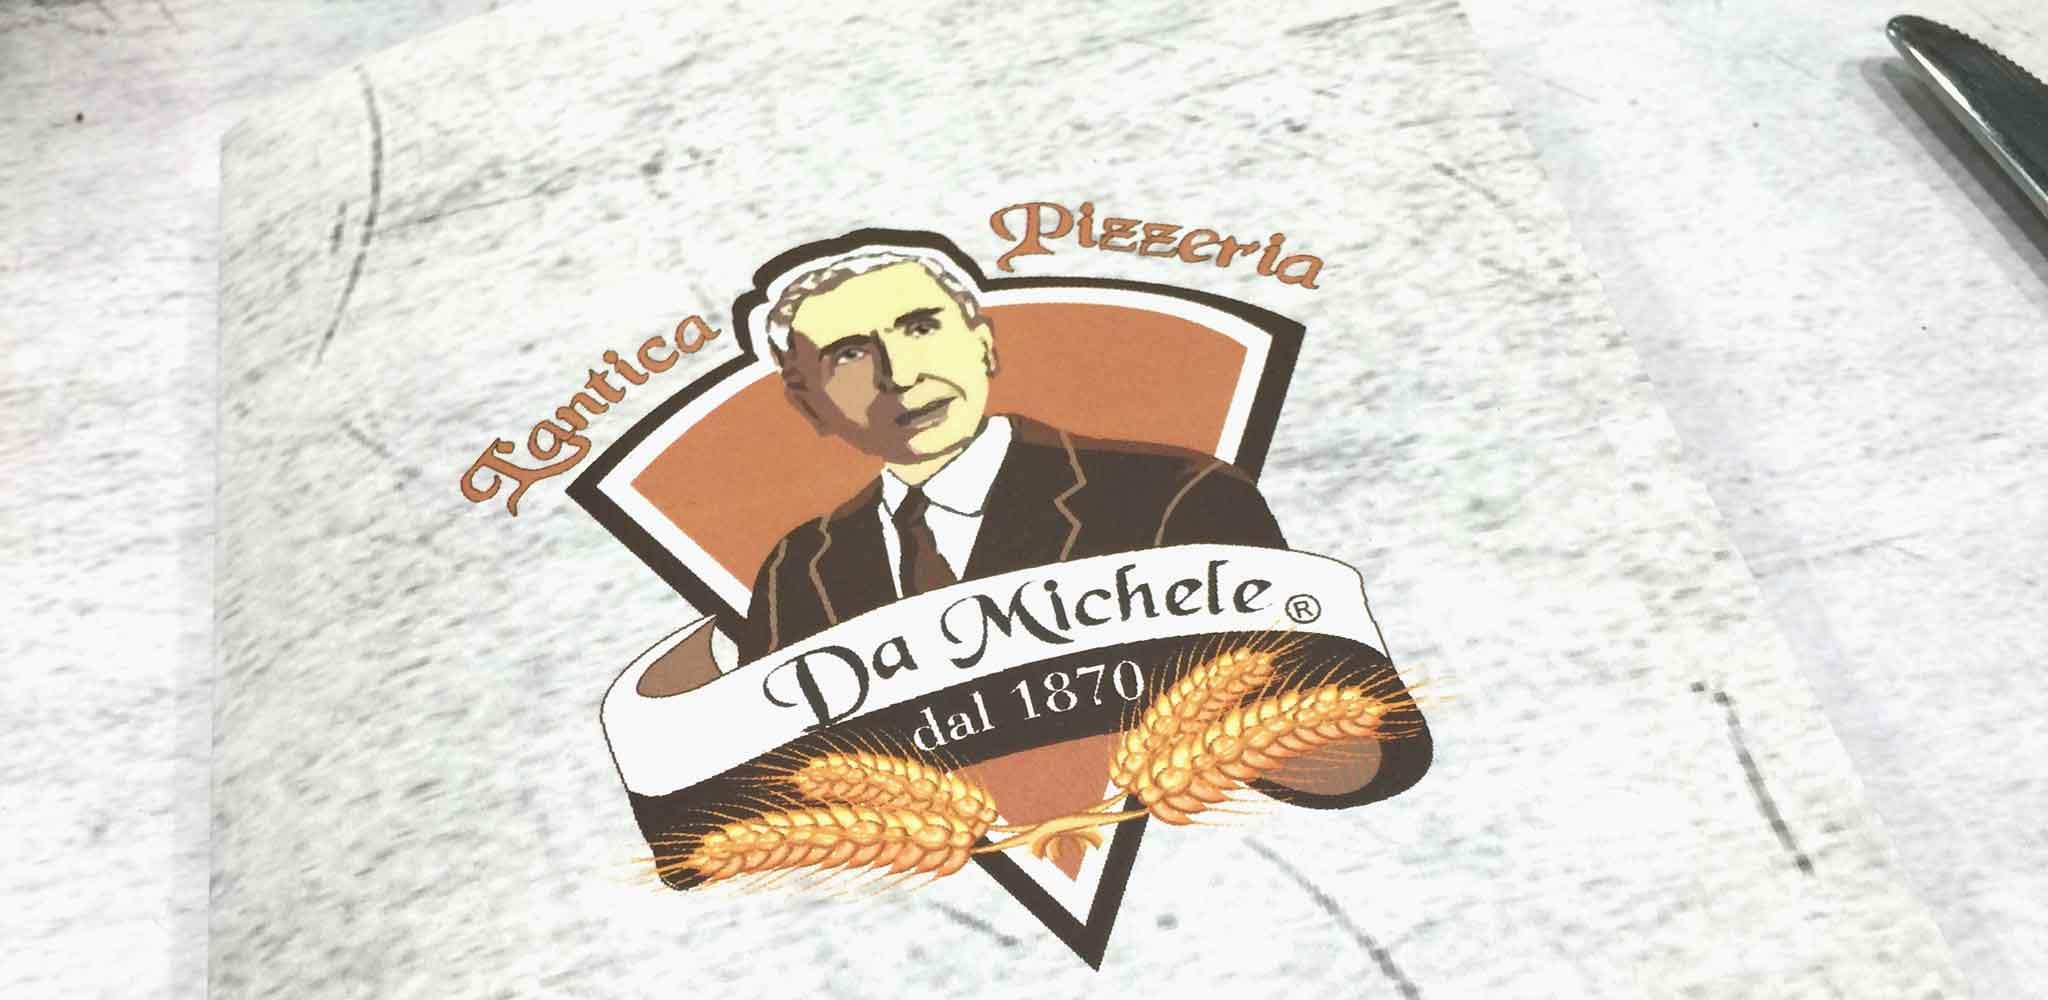 menu pizzeria Da Michele